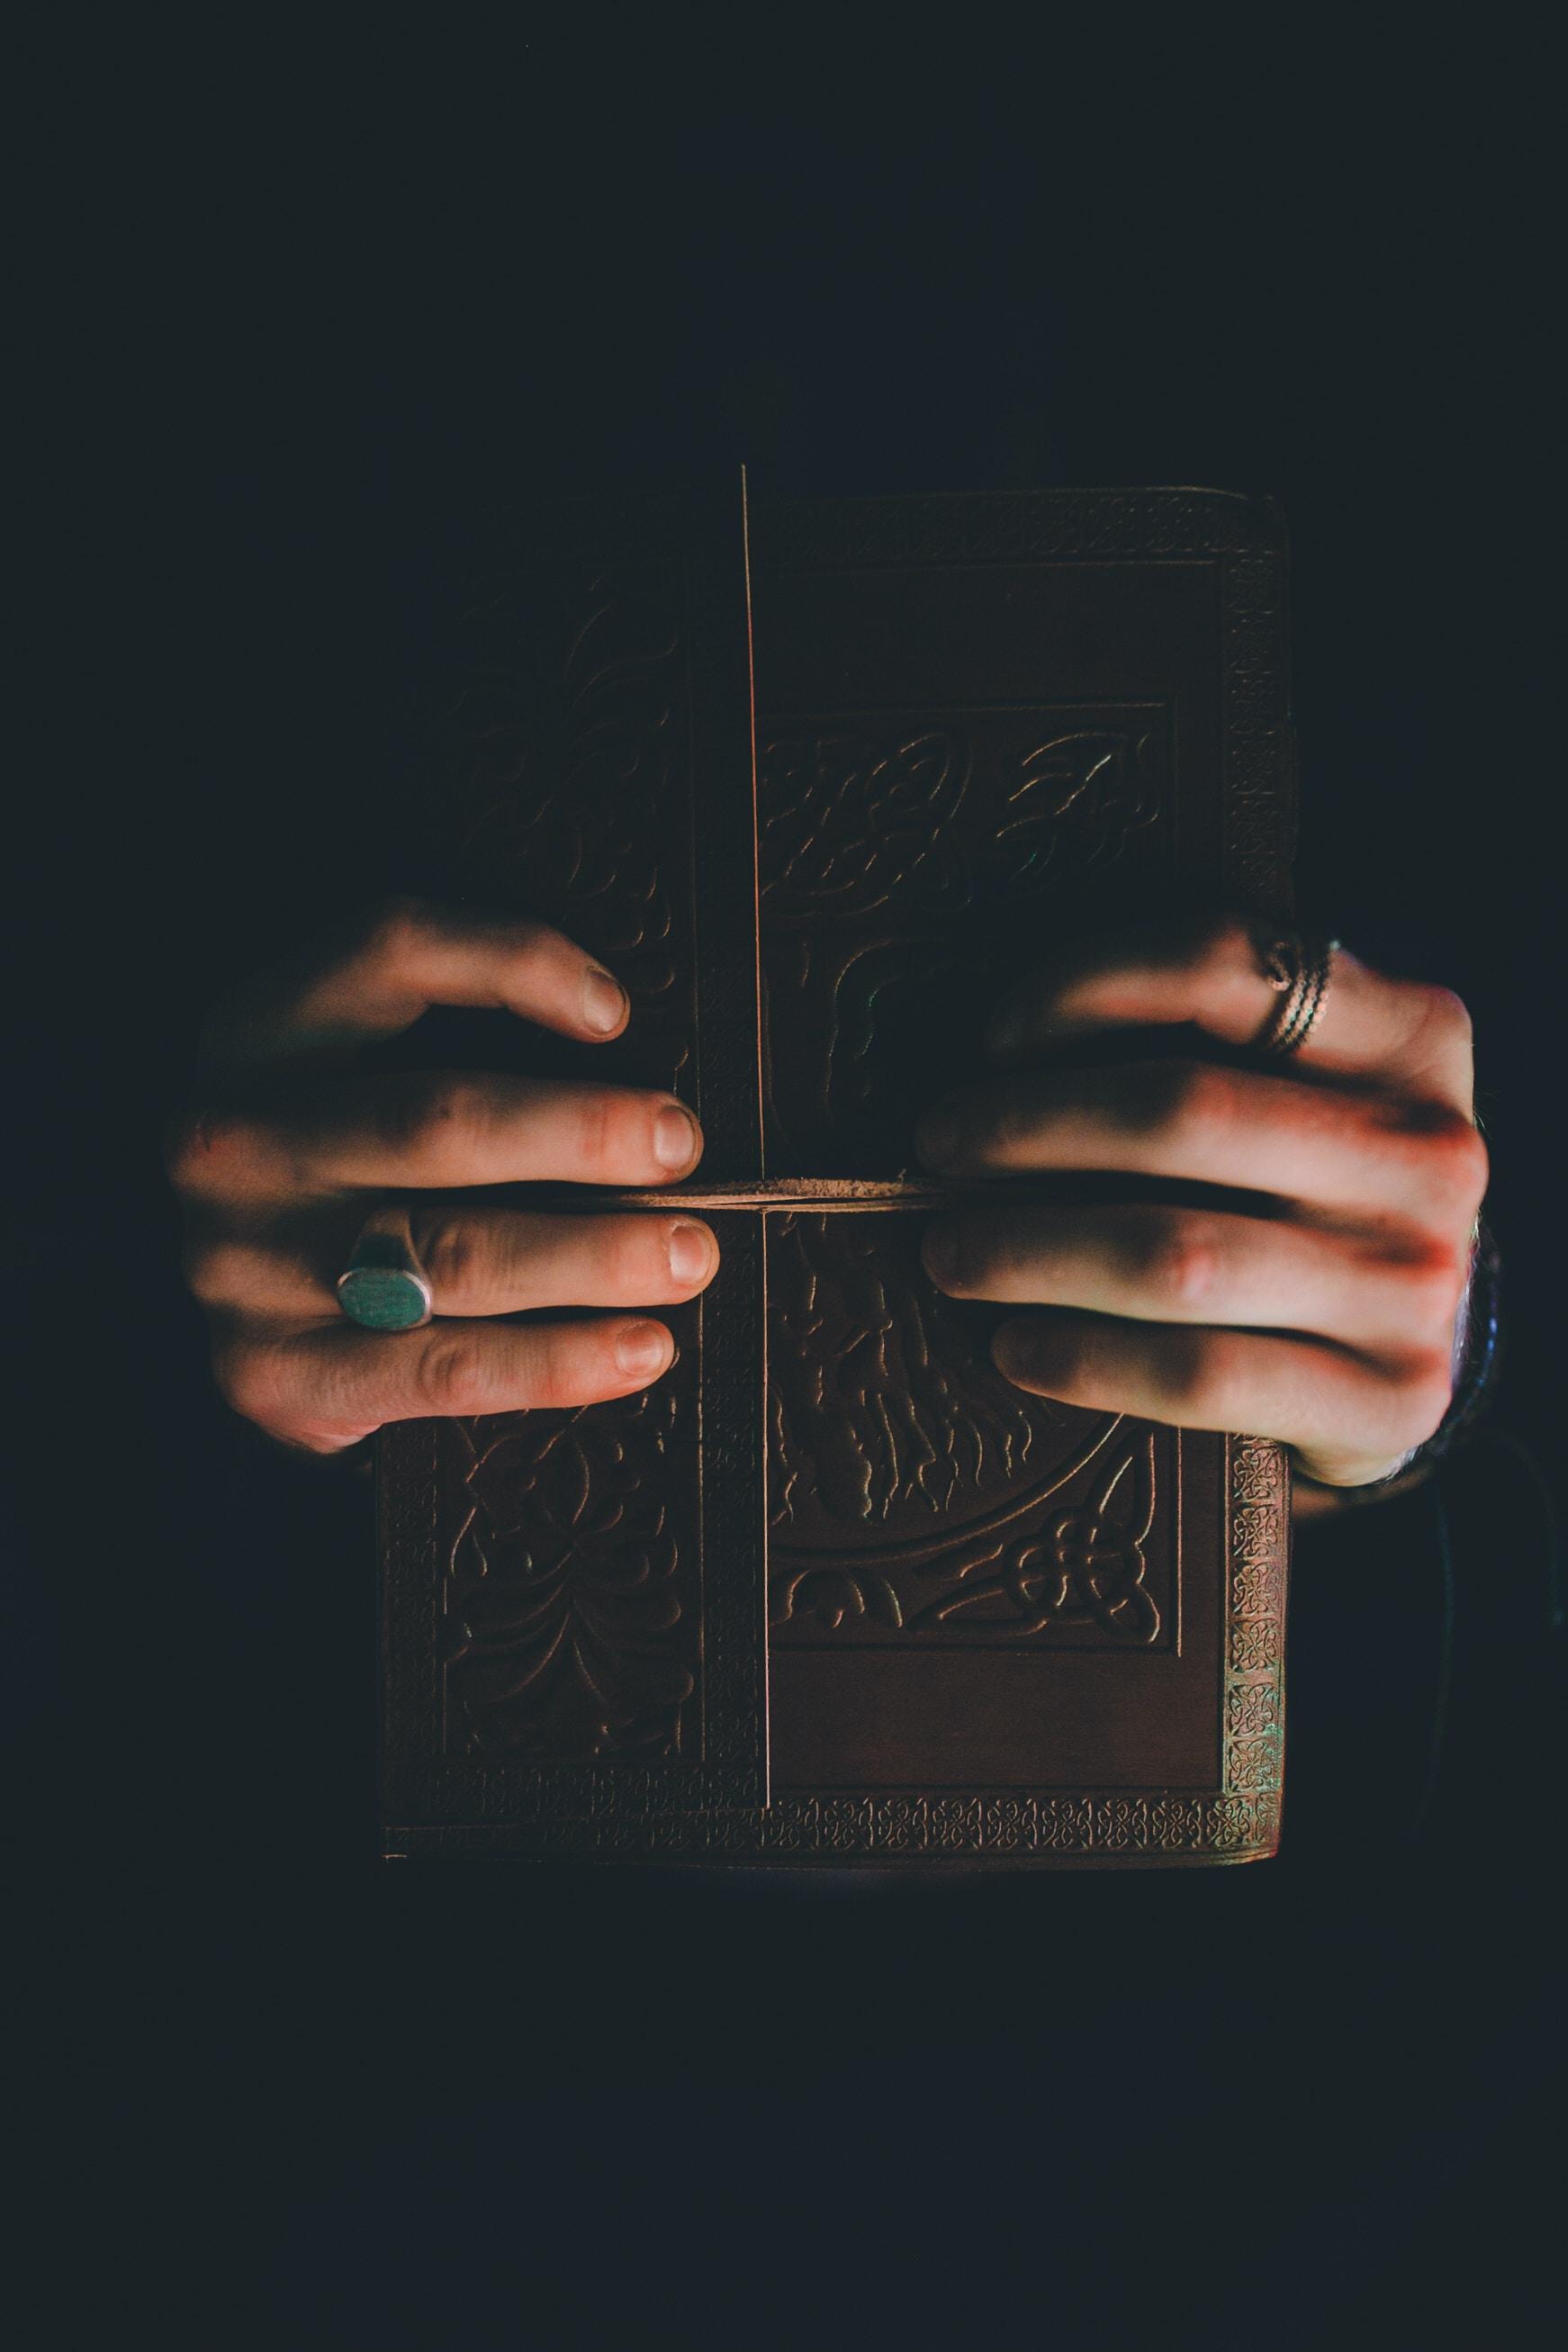 person holding hardbound book